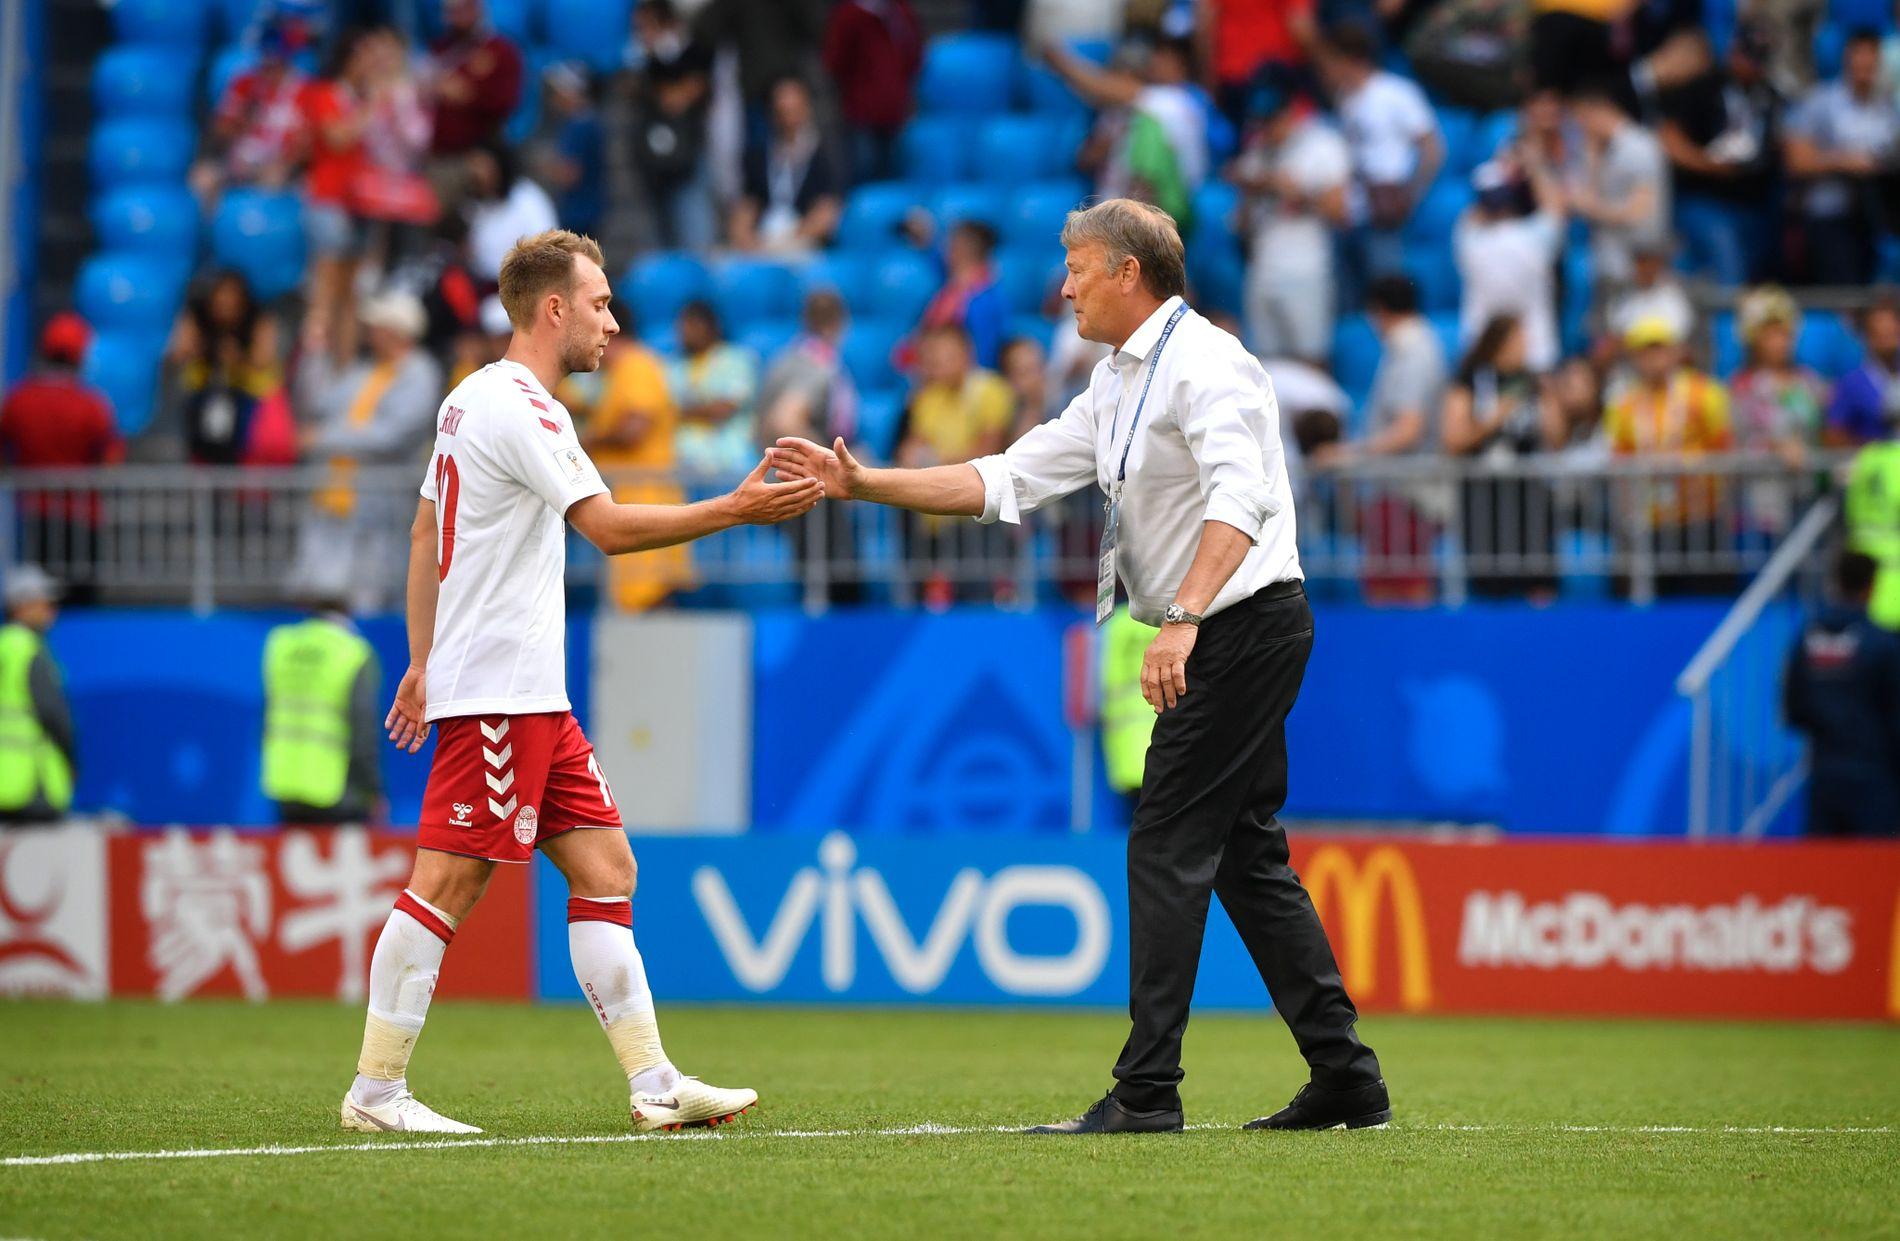 SES IKKE: Mandag skulle Christian Eriksen og Åge Hareide møtes til landslagssamling for første gang siden VM var over. Slik blir det ikke.